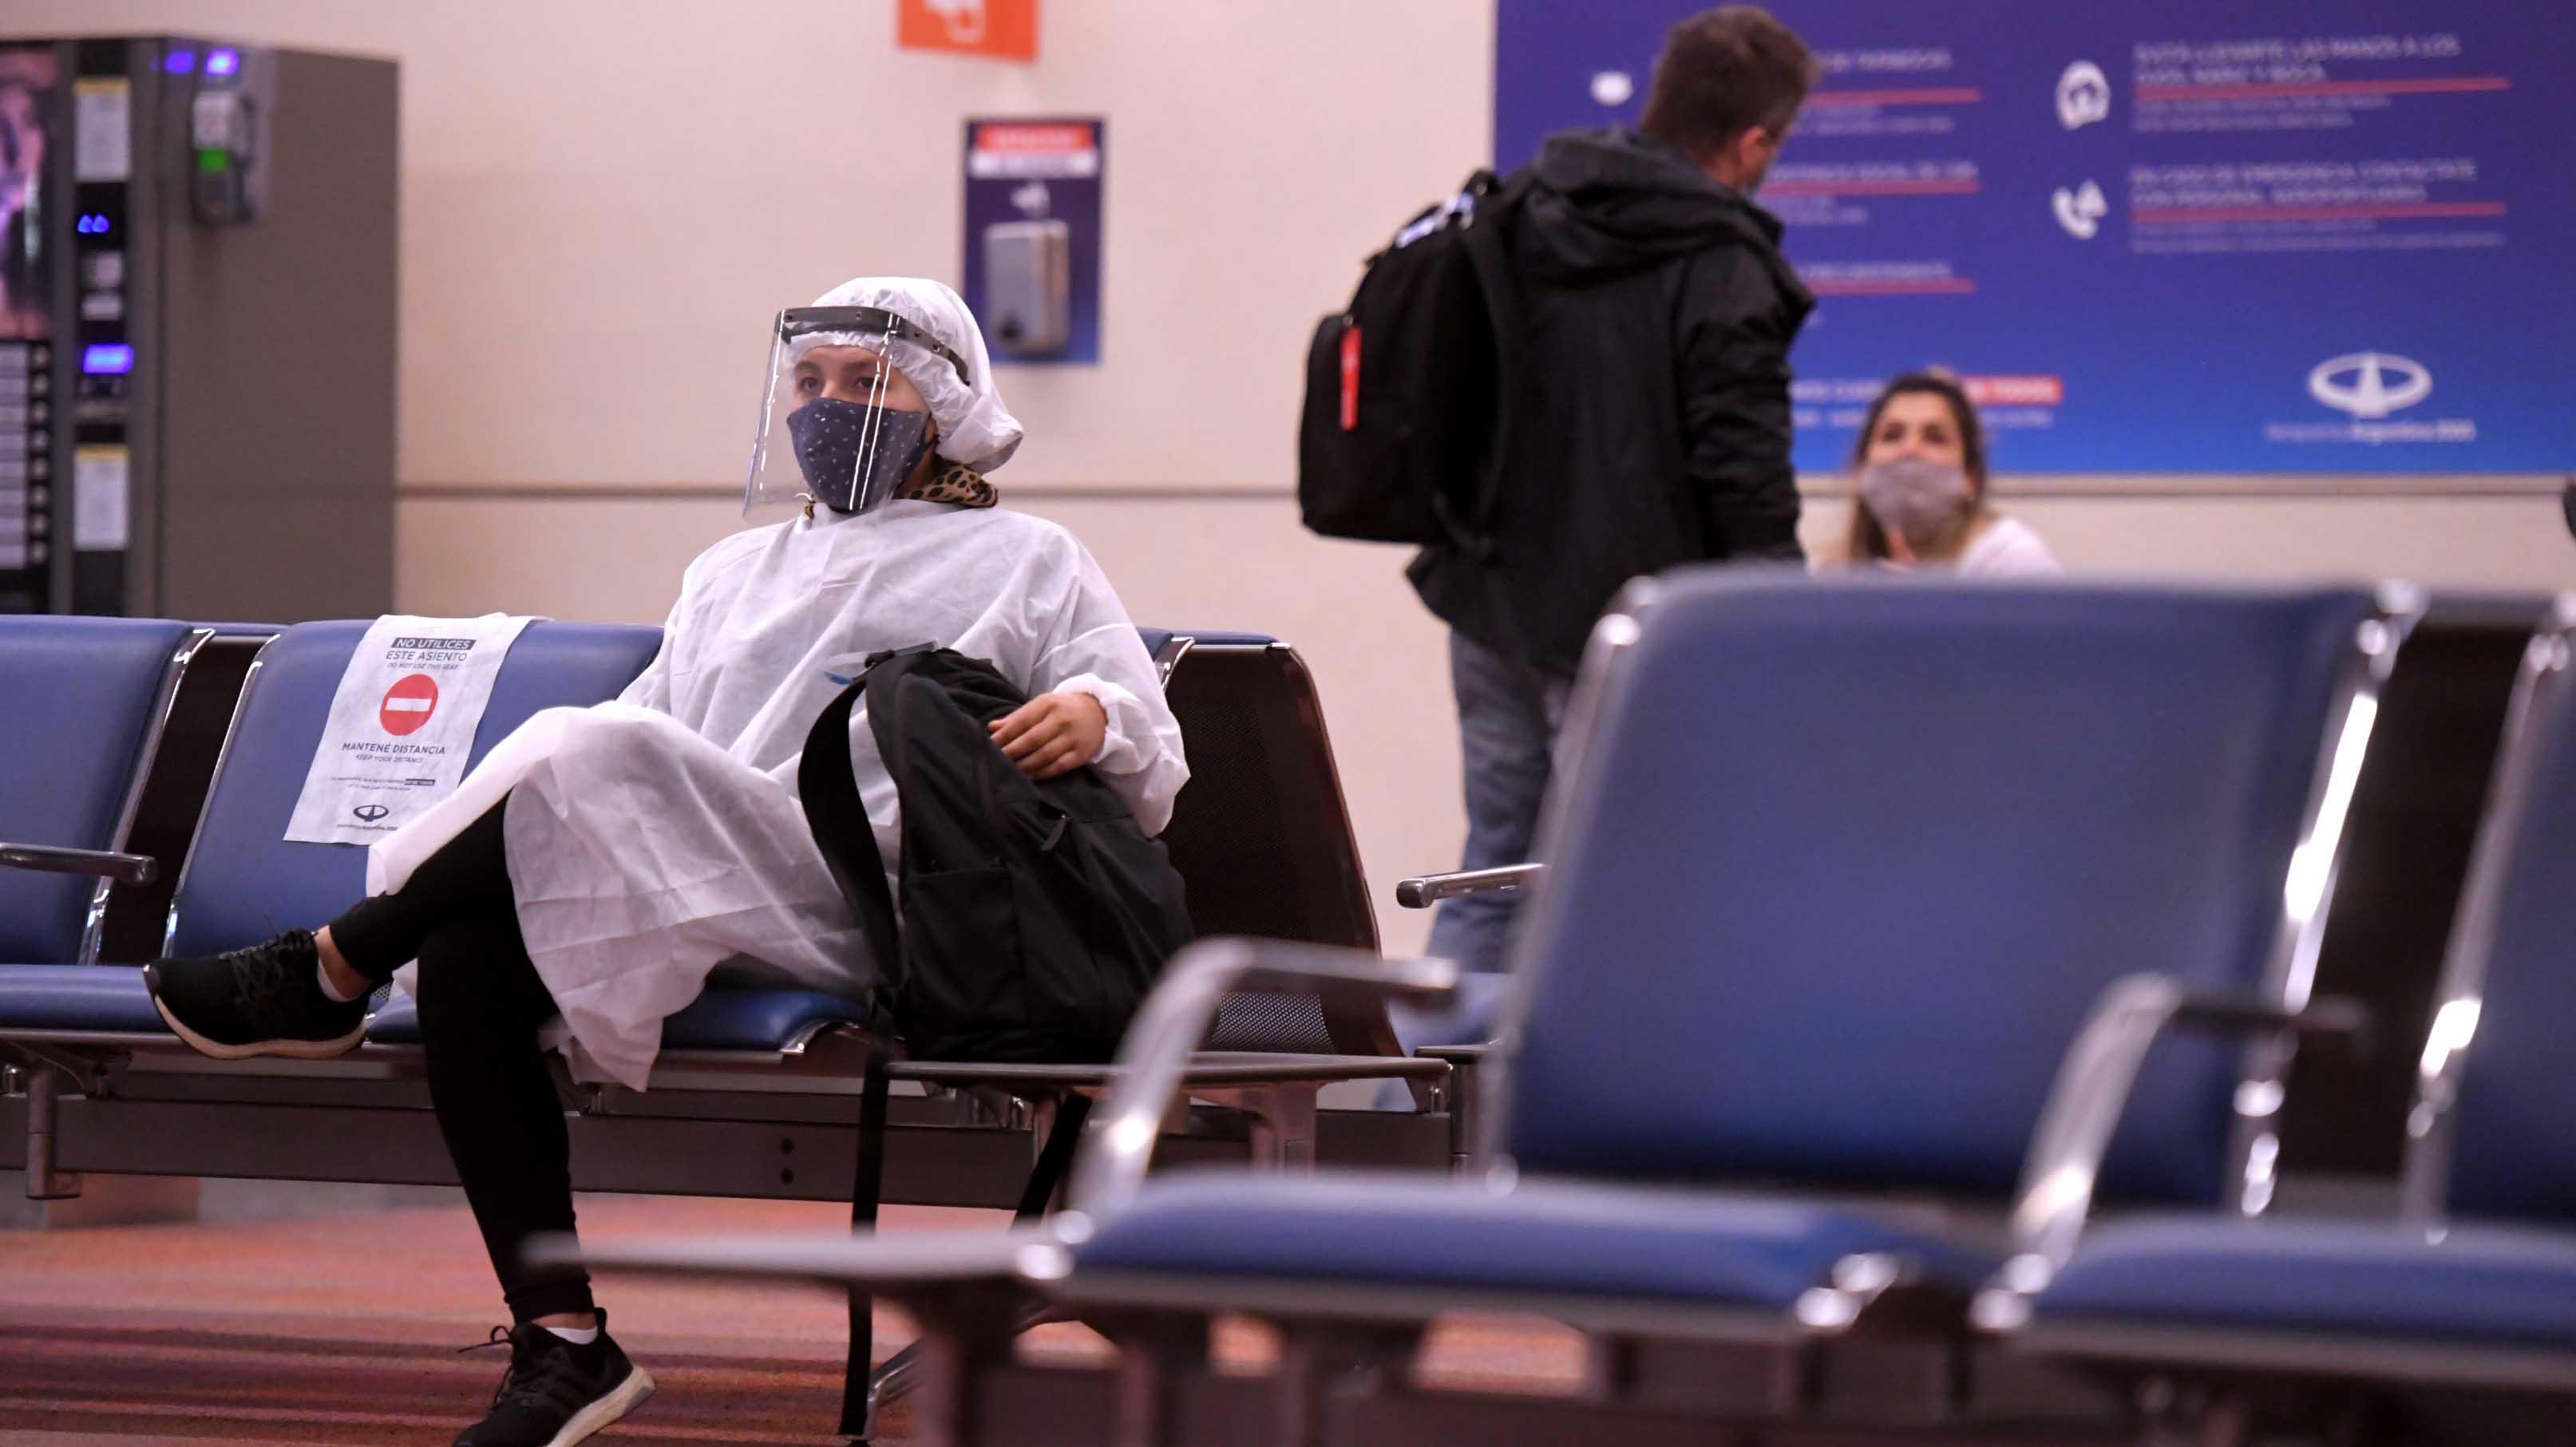 Una pasajera espera la partida de su vuelo. El primero partió rumbo a Jujuy. El segundo, hacia Mendoza.